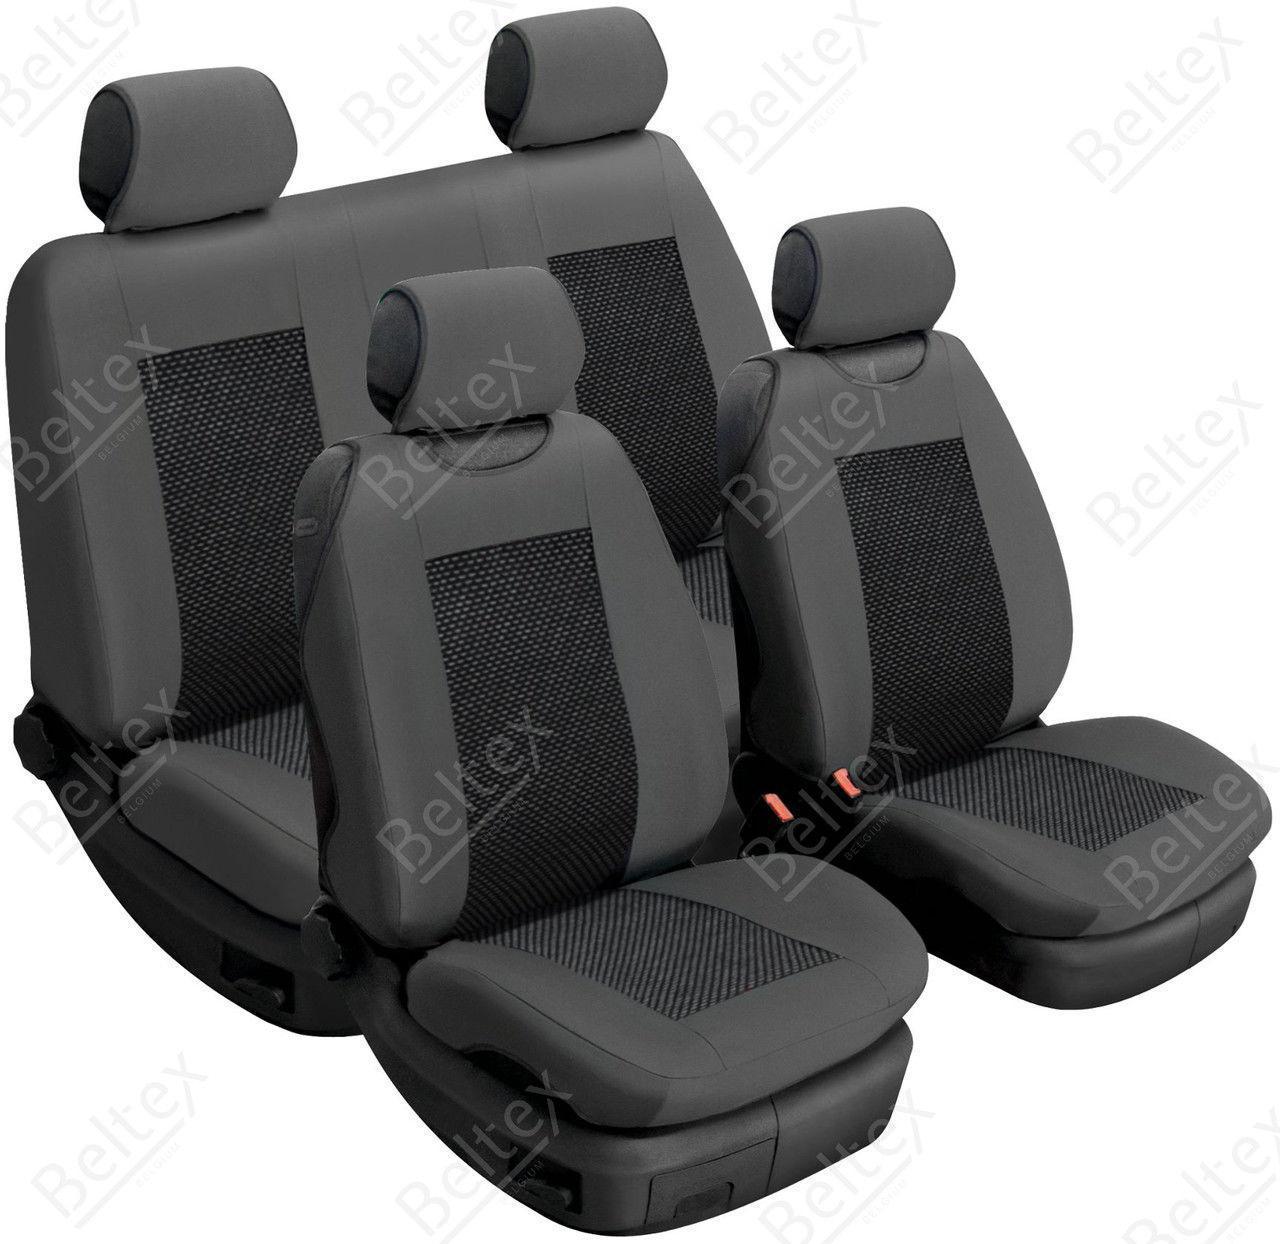 Майки/чехлы на сиденья Фольксваген Пассат Б3 (Volkswagen Passat B3)